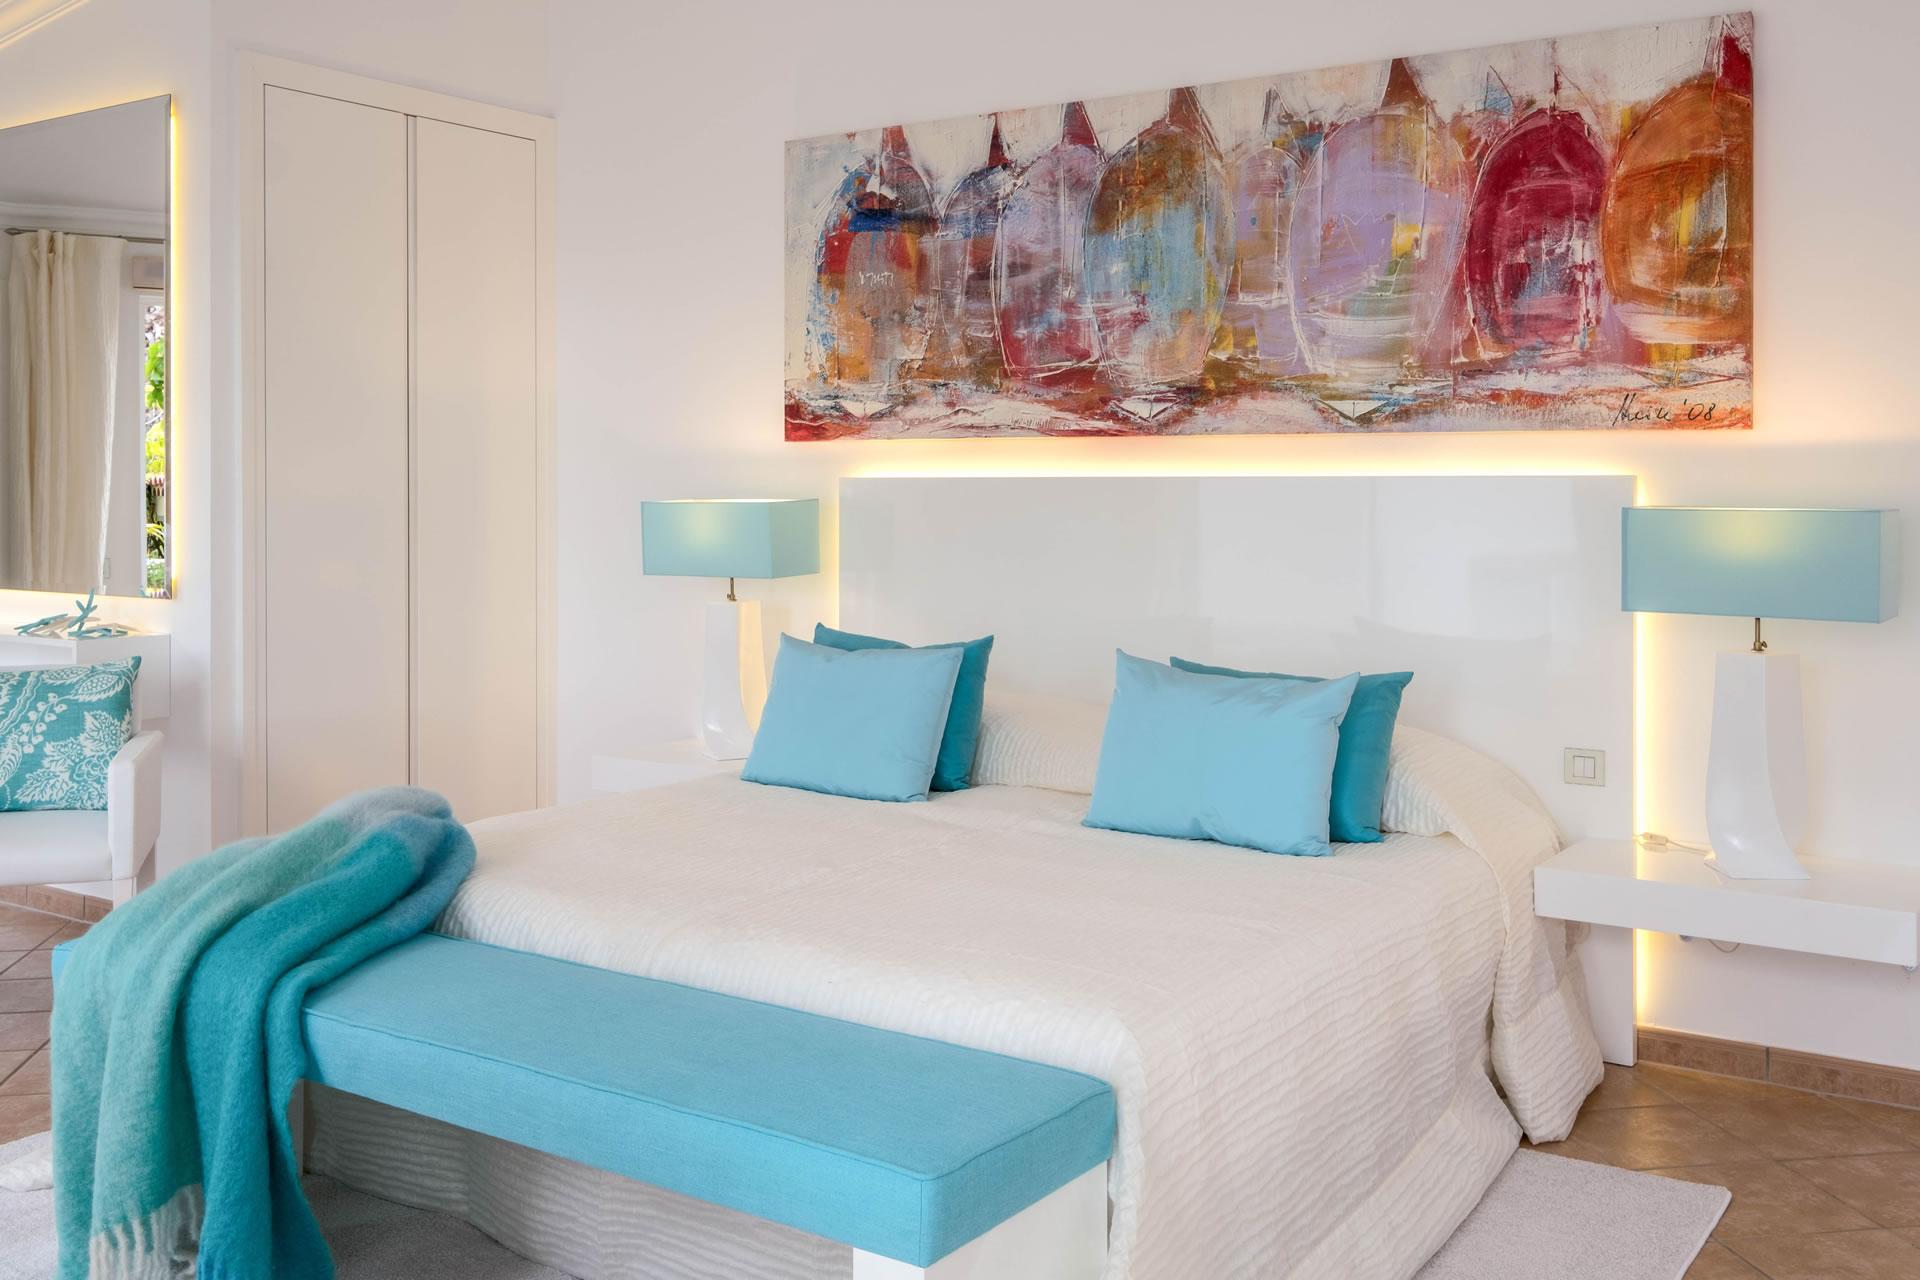 Casa San Marco At Jardin De La Paz Bedroom With Double Bed